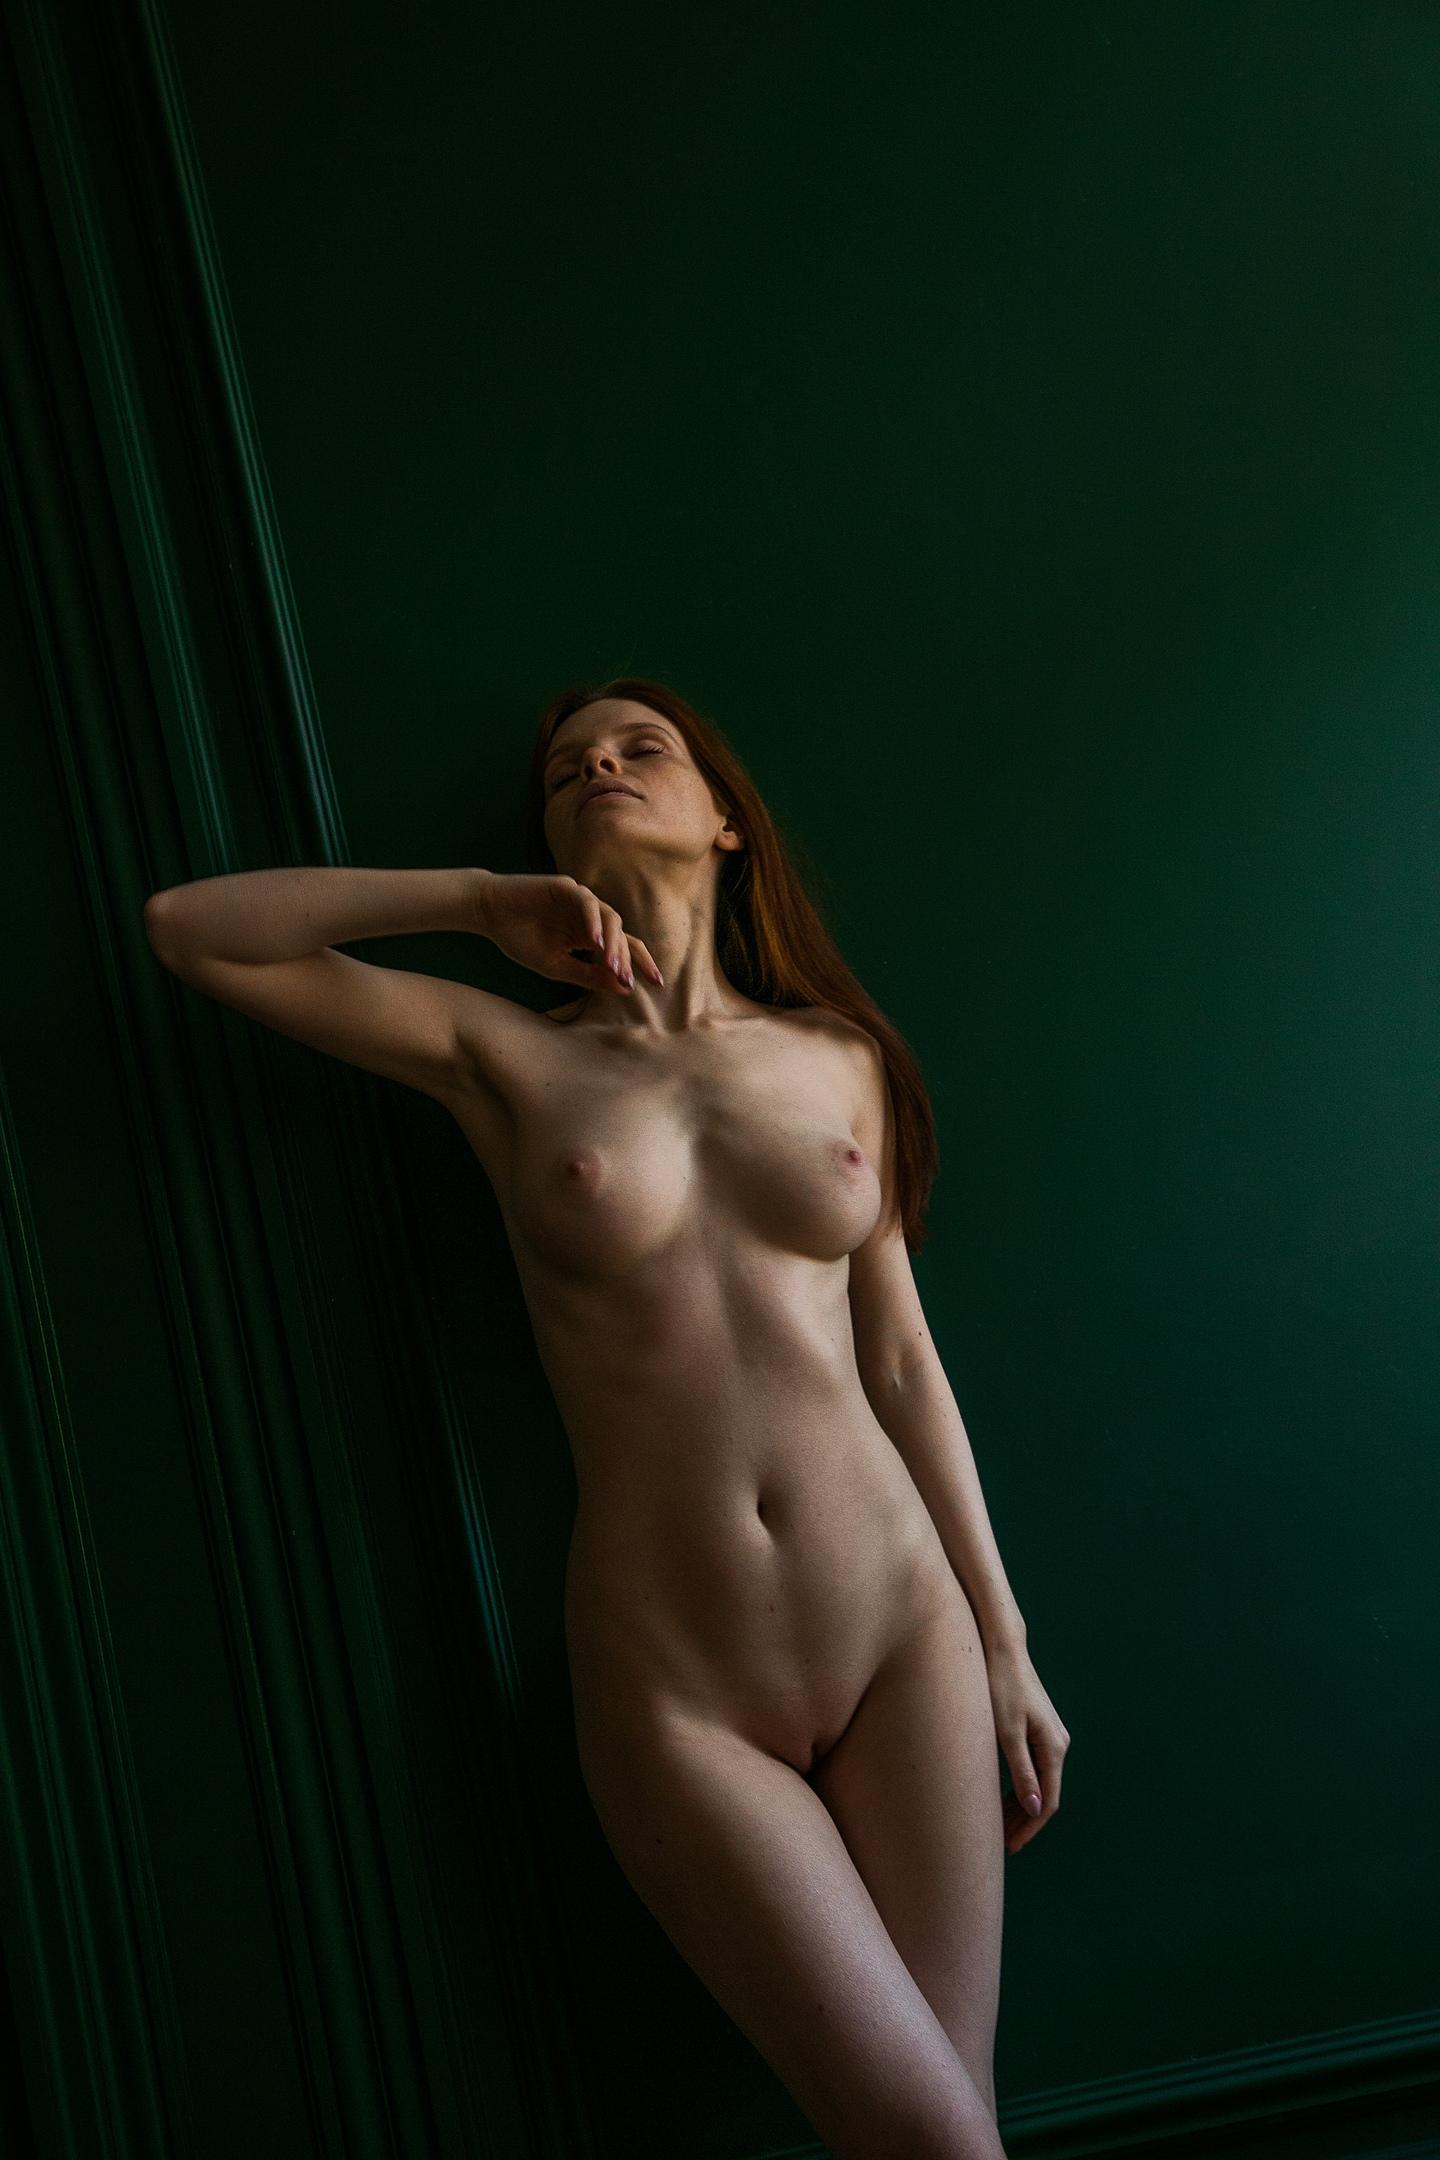 Viktoria Kolodko - Vasily Kolosov photoshoot